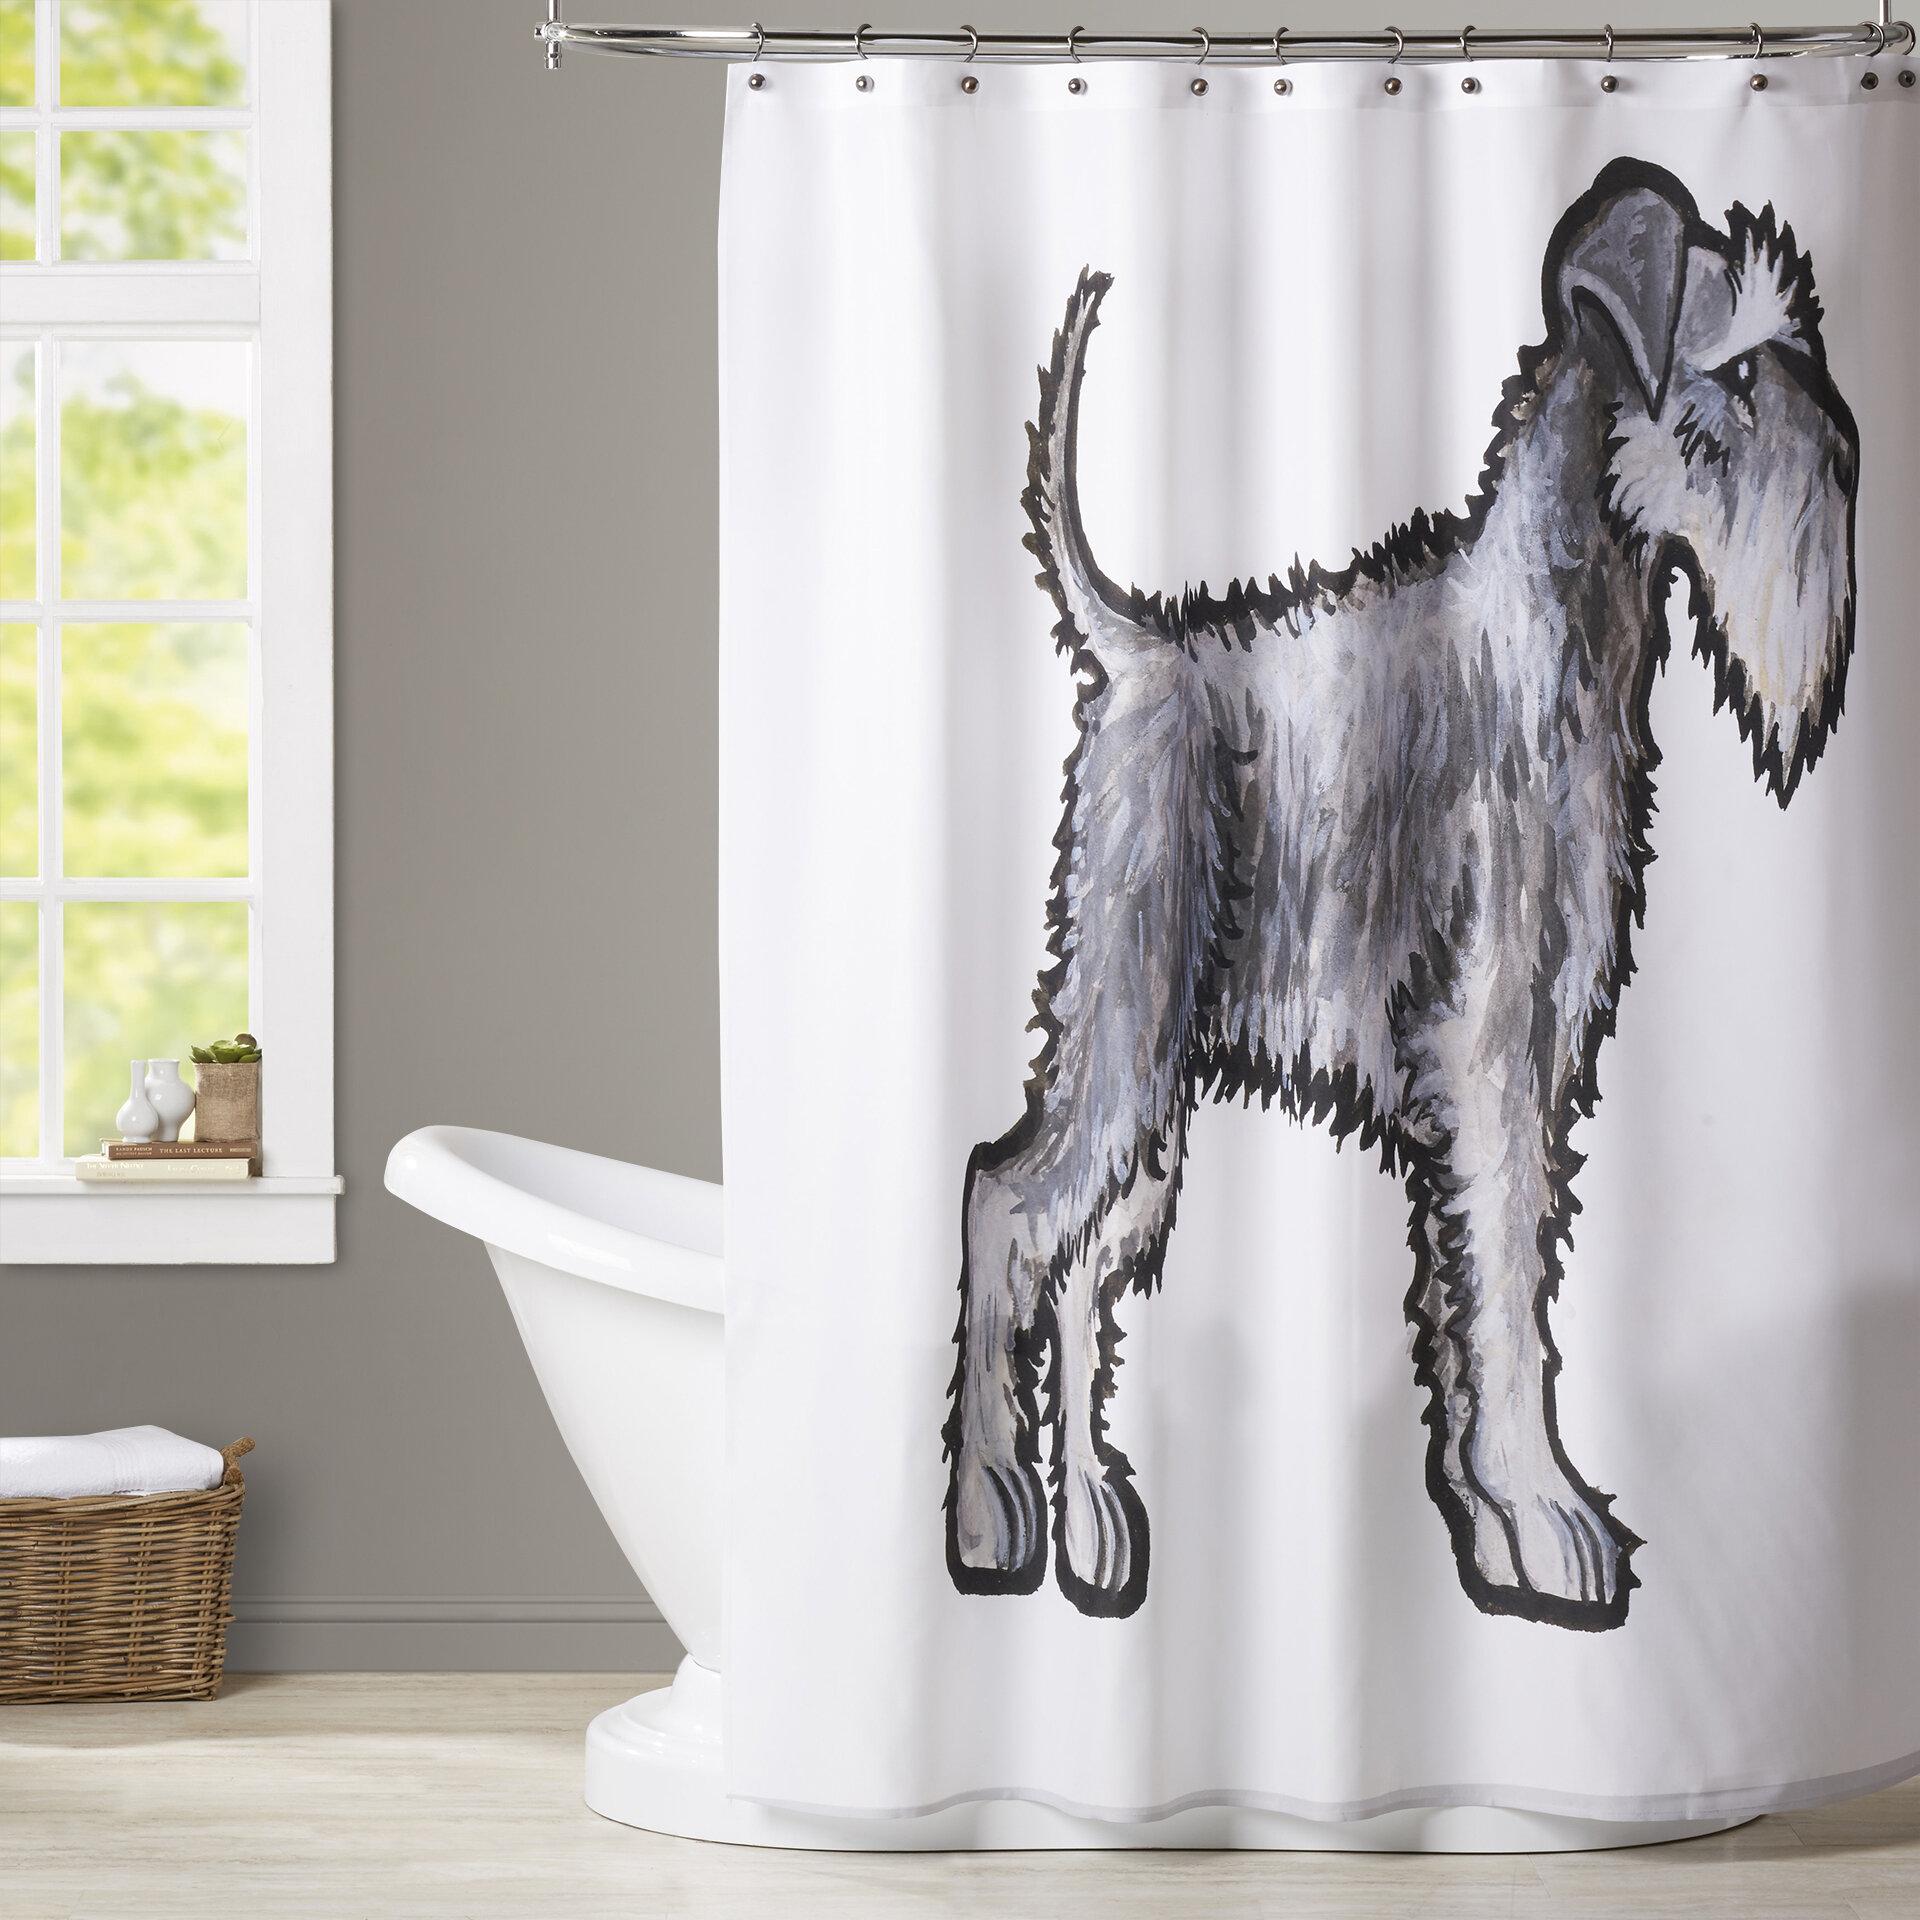 Brayden Studio Brott Schnauzer Shower Curtain